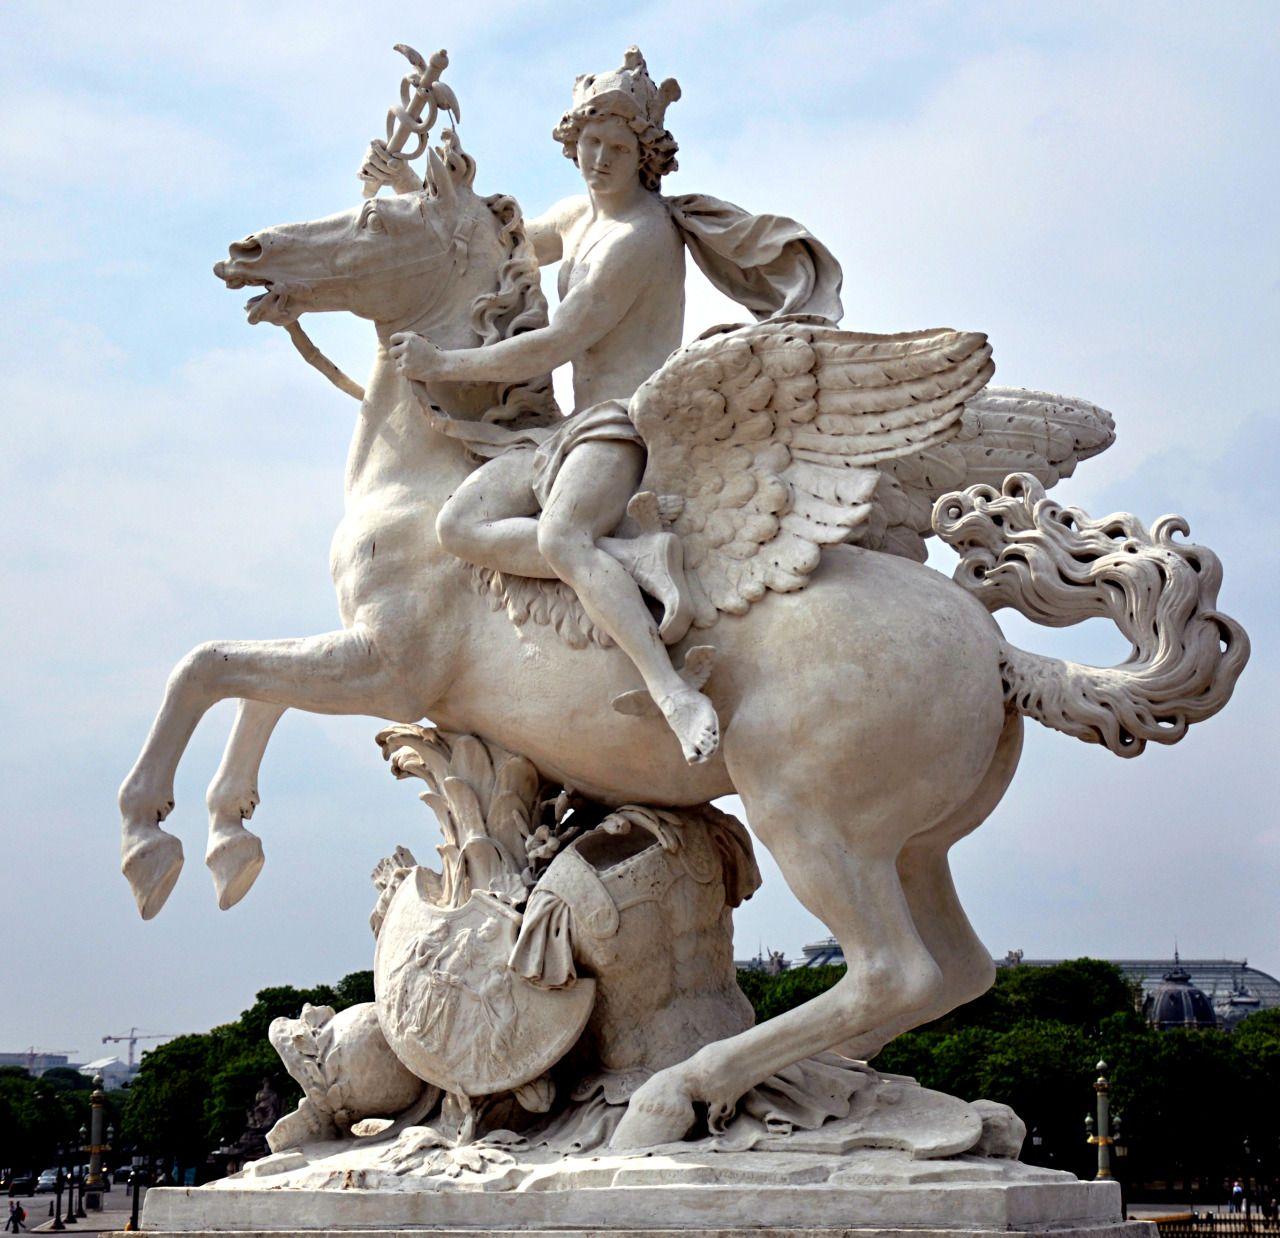 An old sculpture